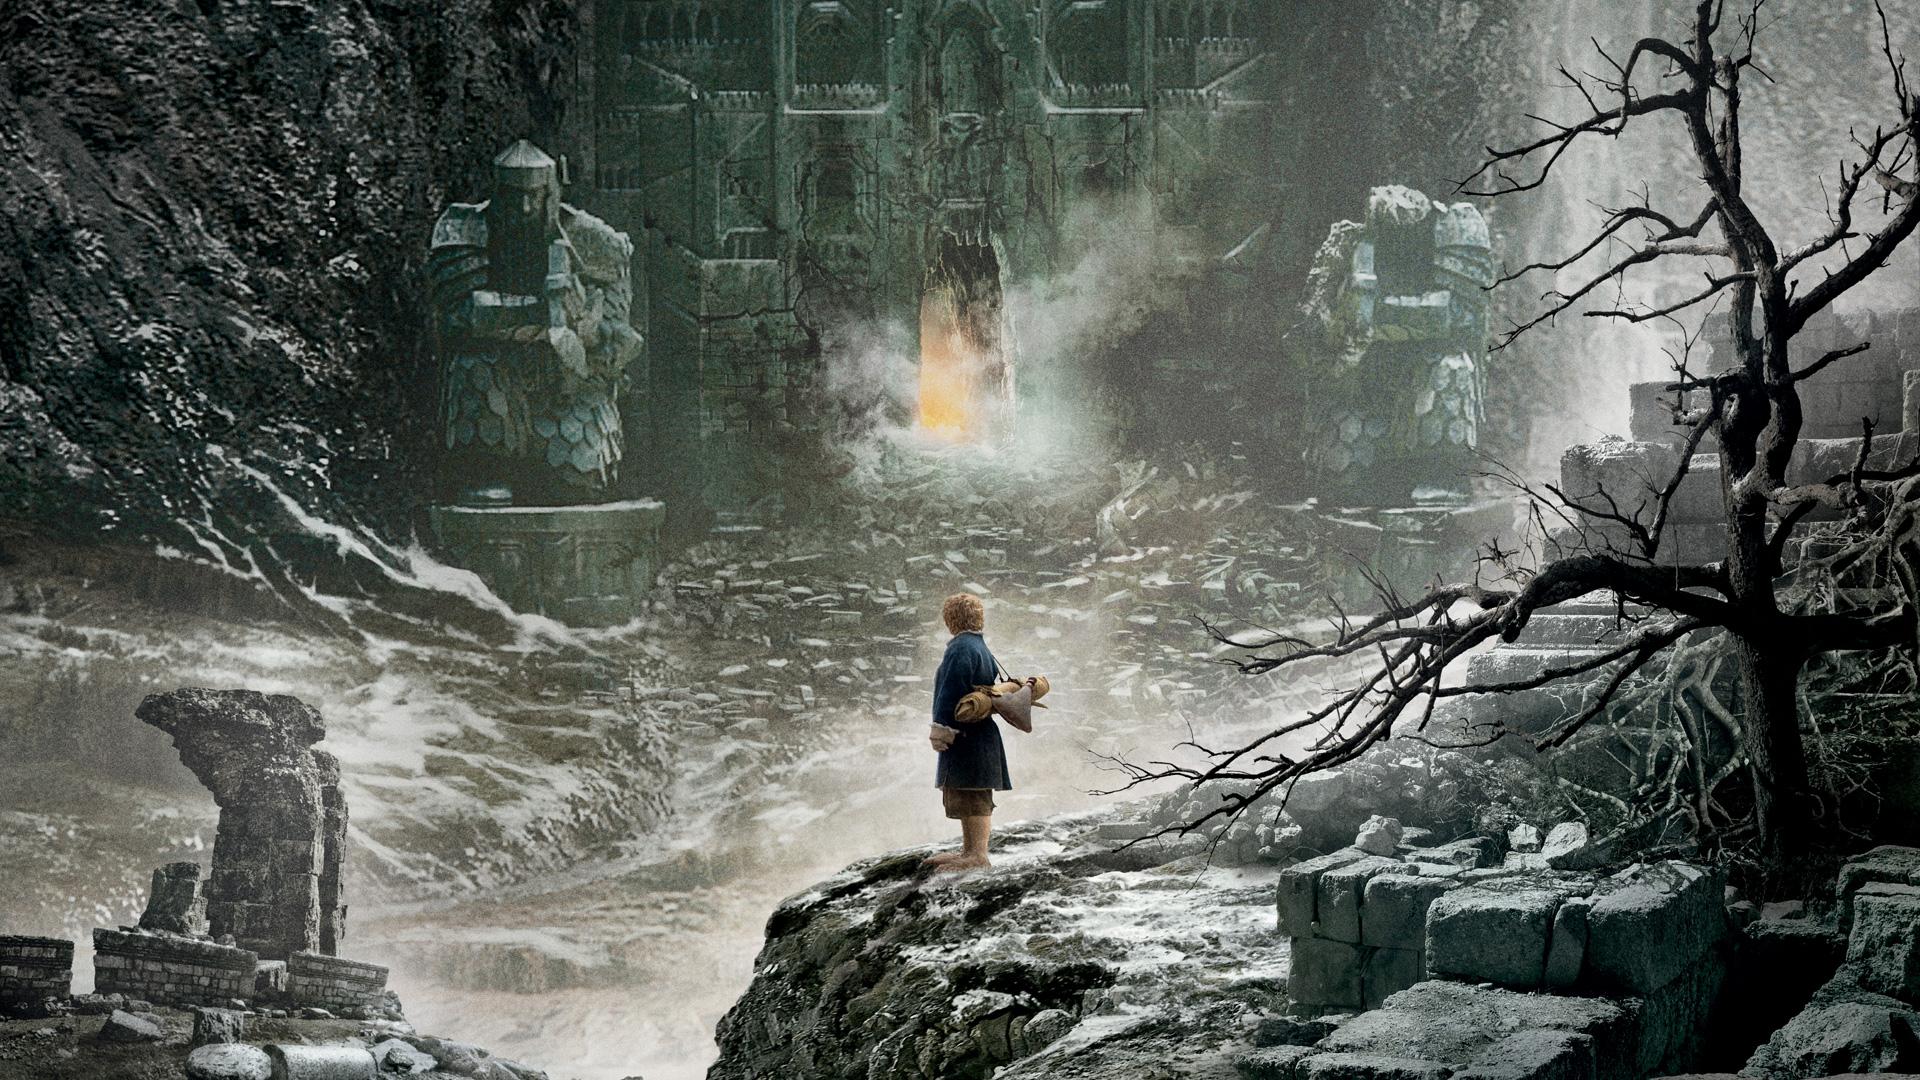 Трансформеры: Последний рыцарь фильм полный в хорошем качестве